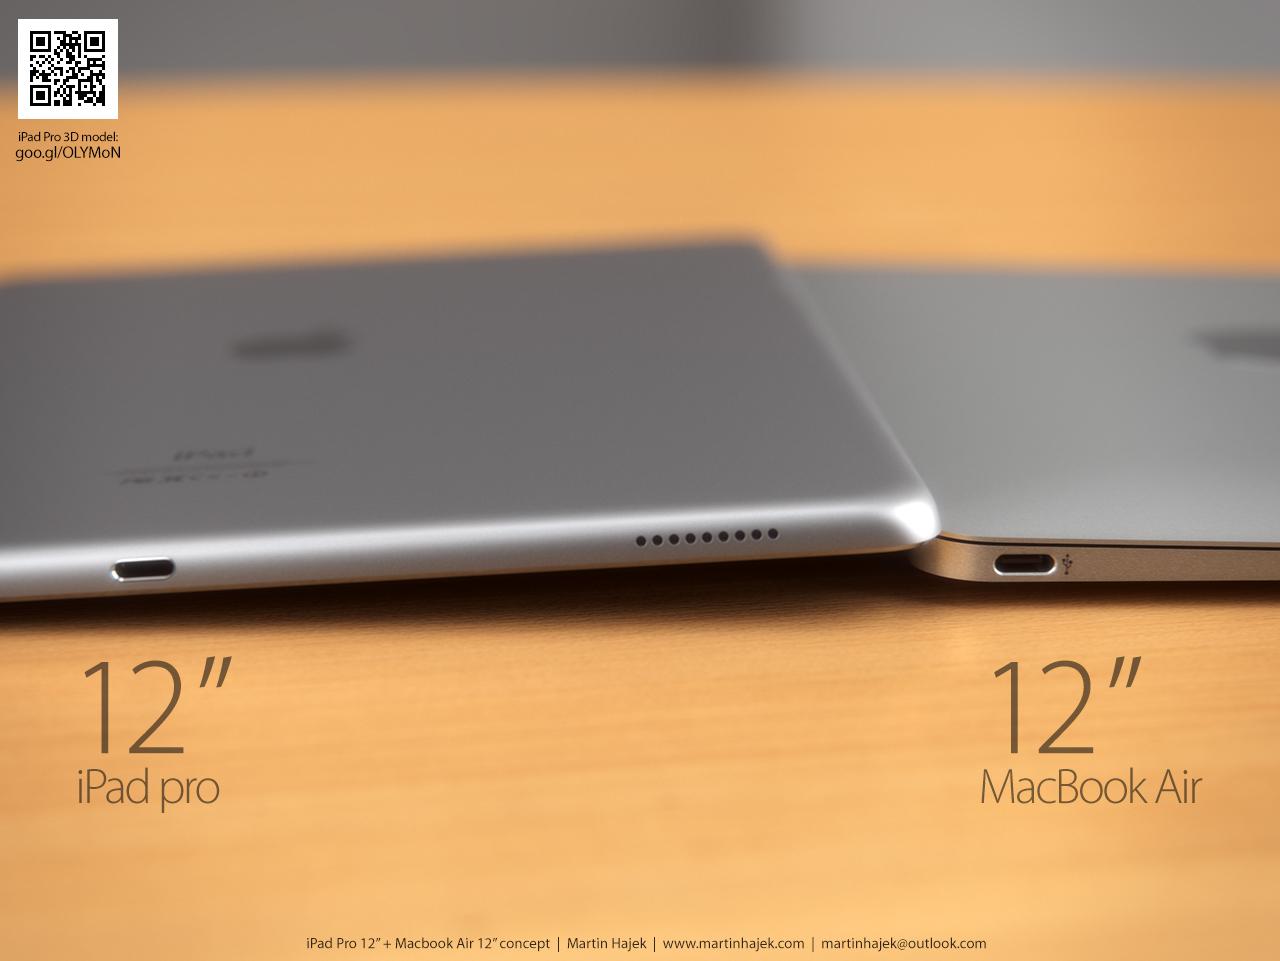 Это  только концепт, 12-дюймовой планшетки Apple пока не выпускала. Но выглядит... неплохо, согласитесь?